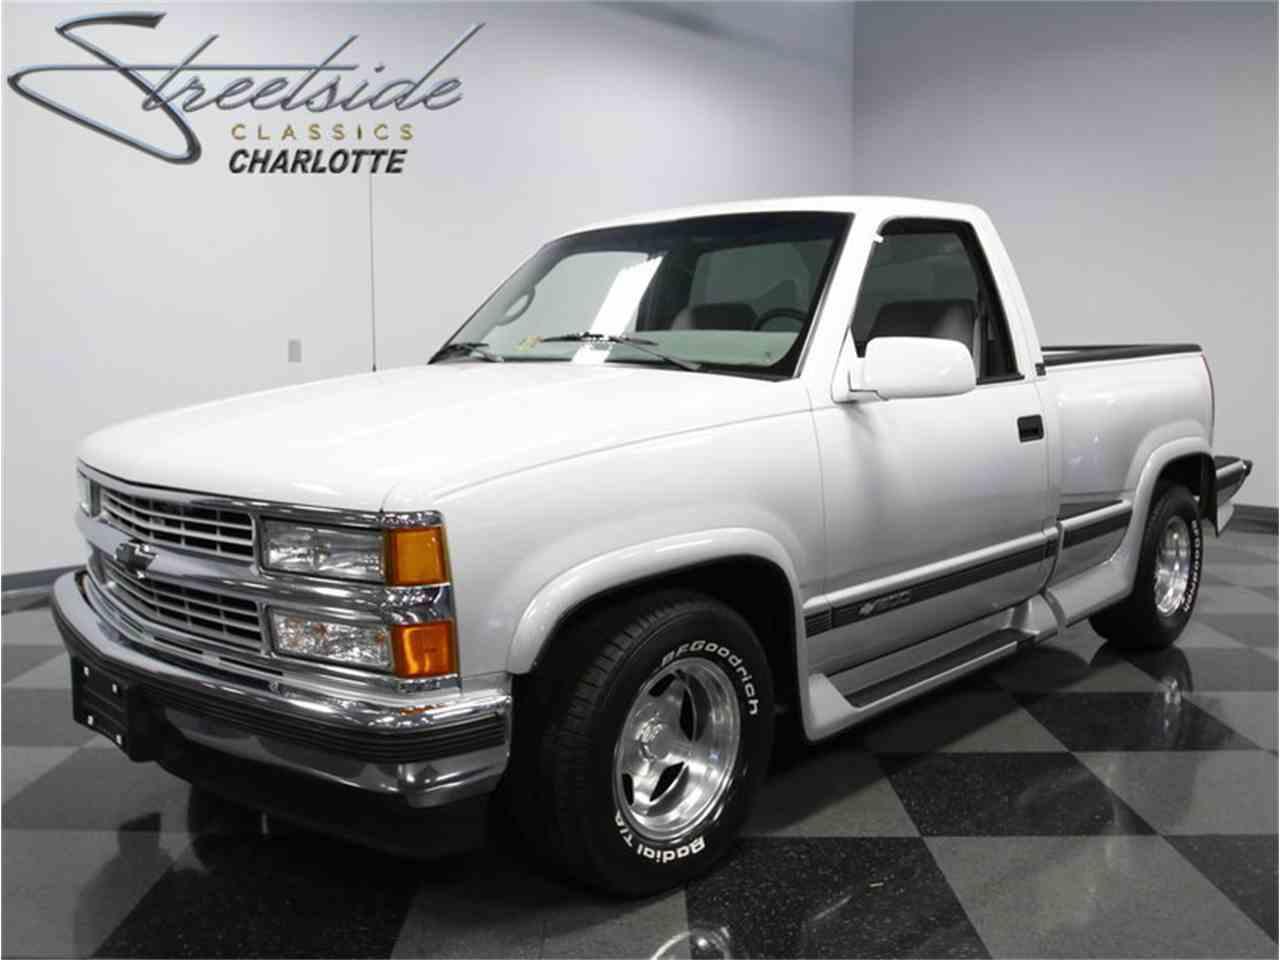 Silverado 95 chevy silverado : 1995 Chevrolet C/K 1500 Truck Connection Conversion for Sale ...